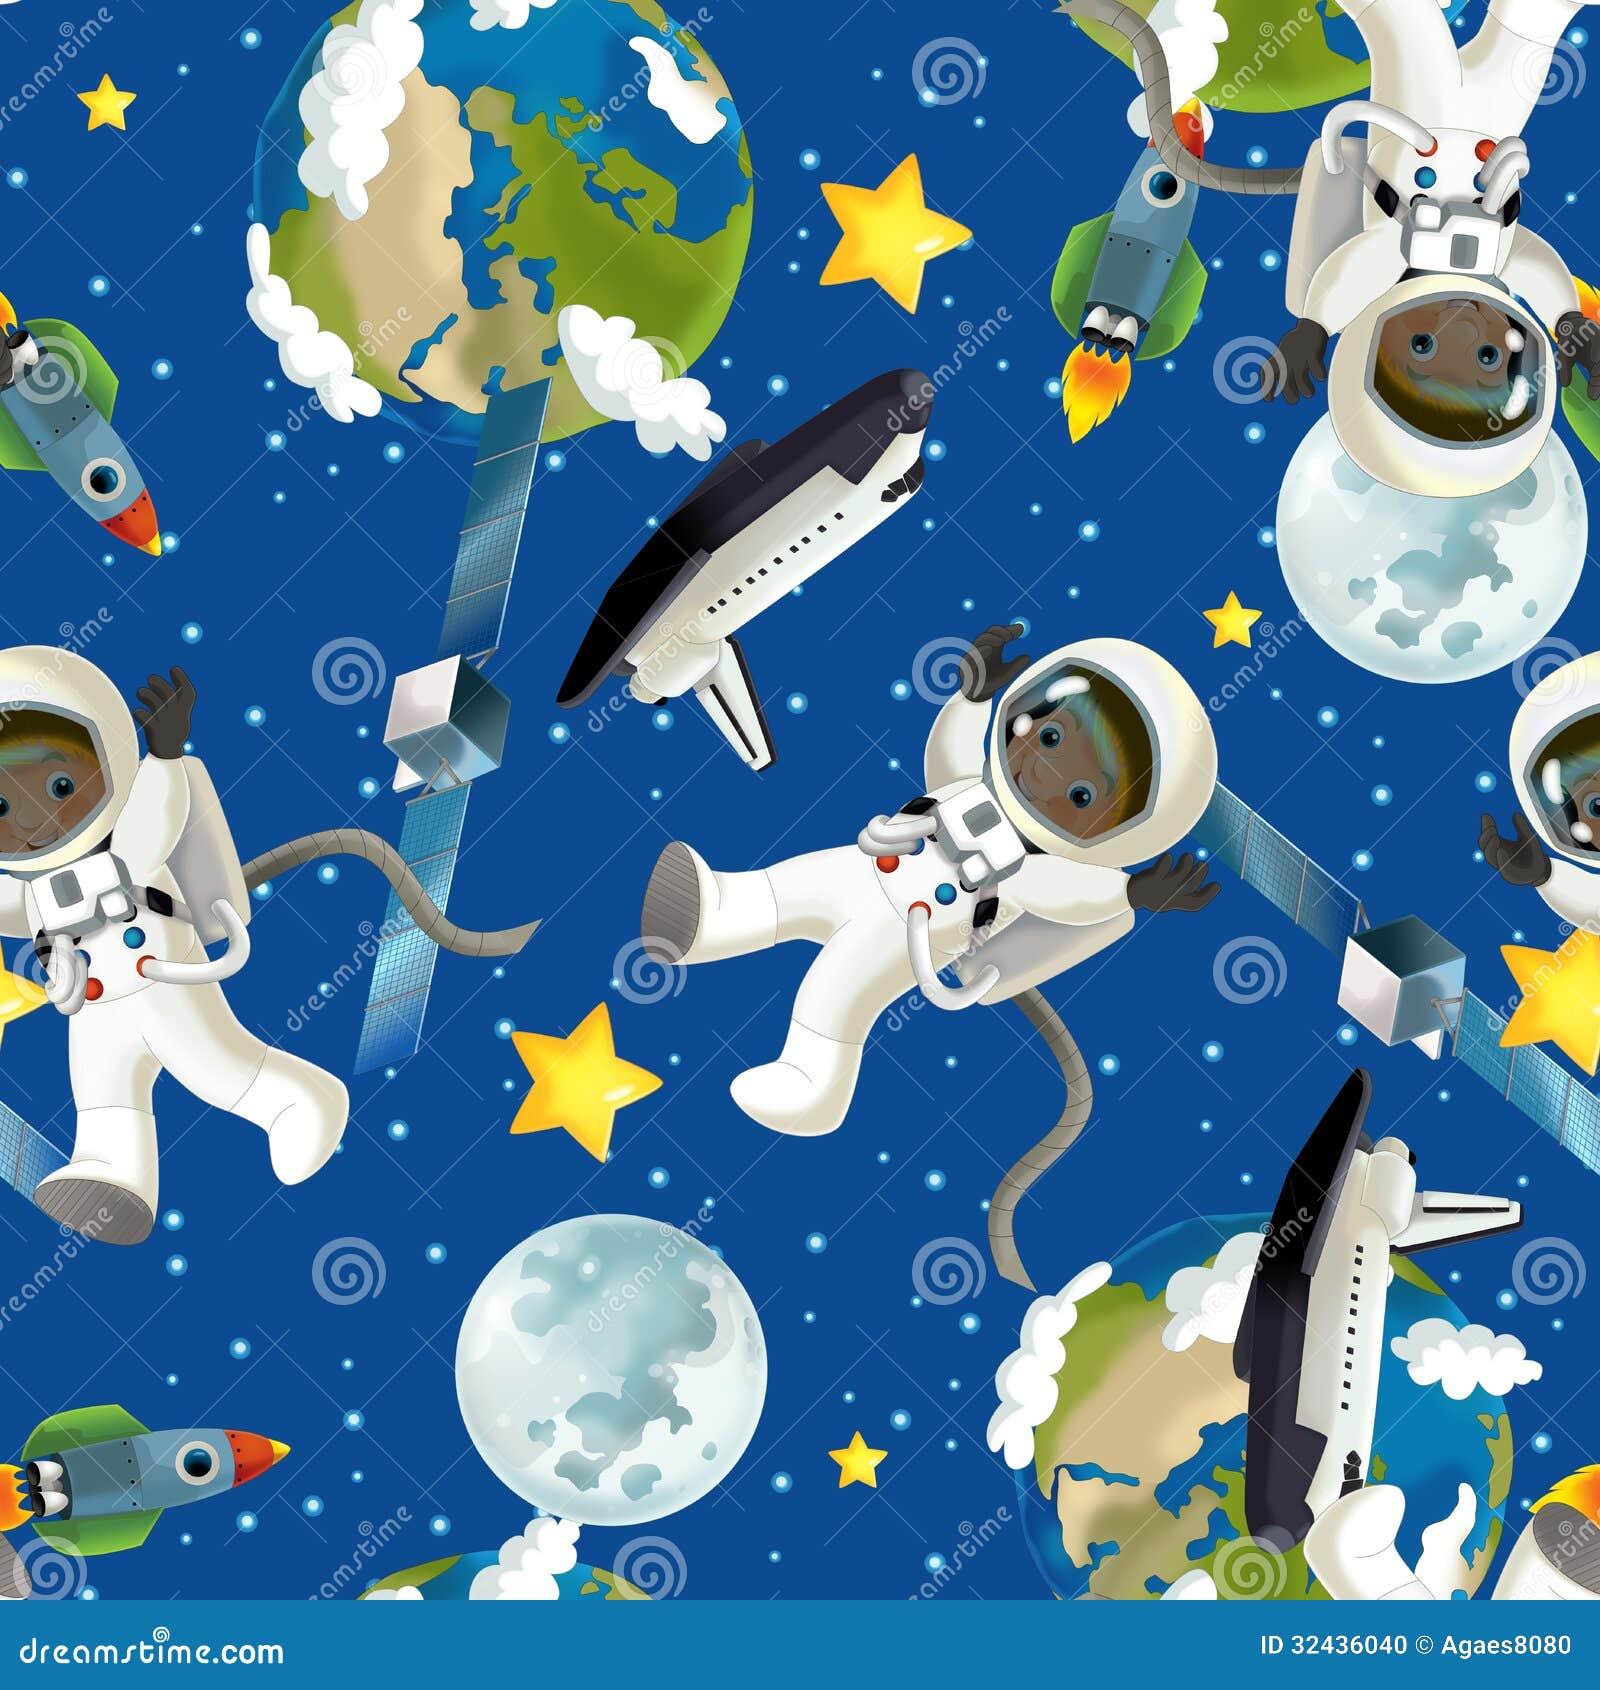 Humeur heureuse et dr le du voyage de l 39 espace - Dibujos infantiles del espacio ...